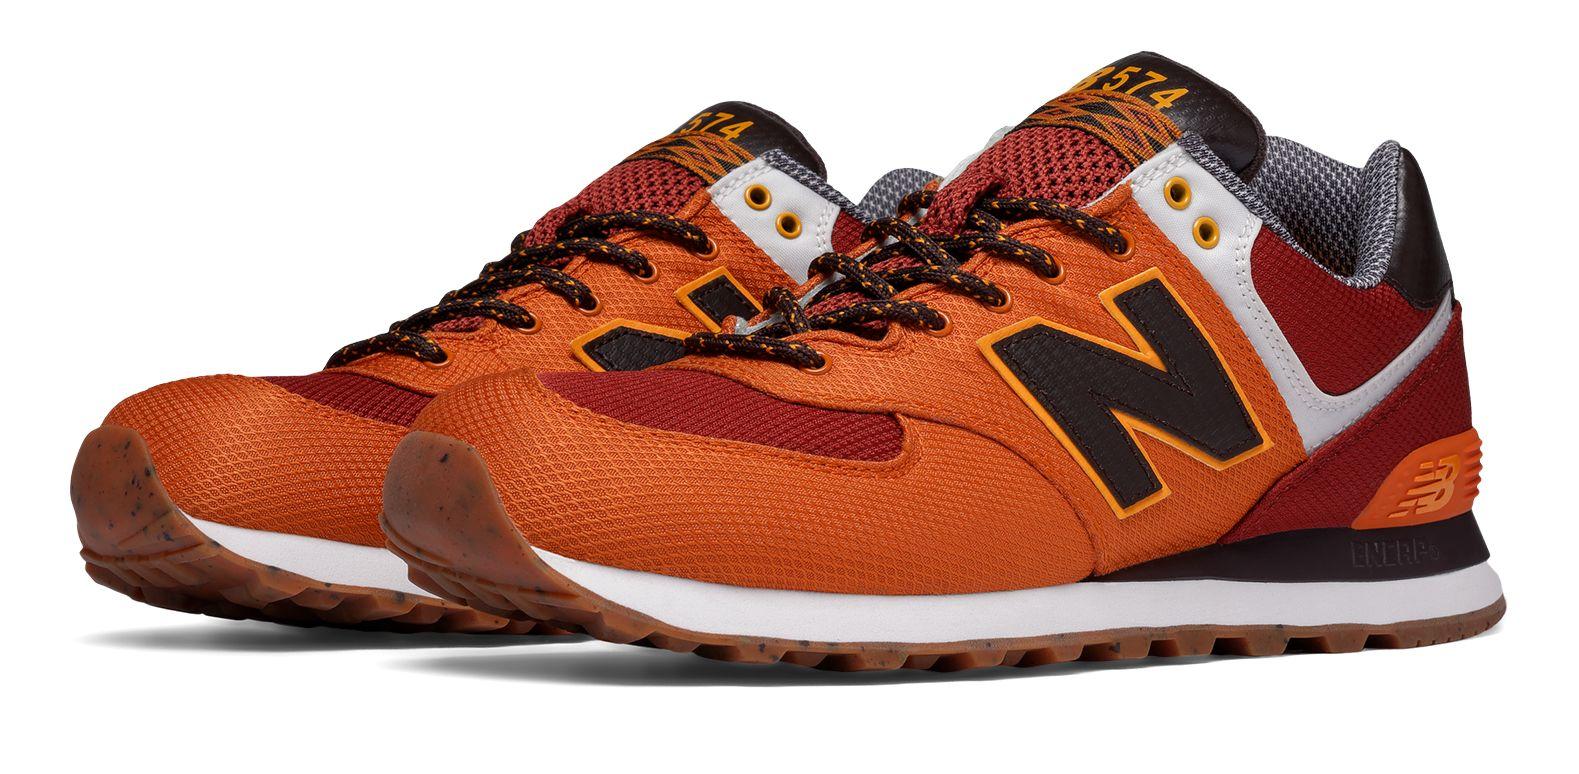 super tanie sprzedawca detaliczny najniższa cena 574 Weekend Expedition Men's Men's Lifestyle shoes ...